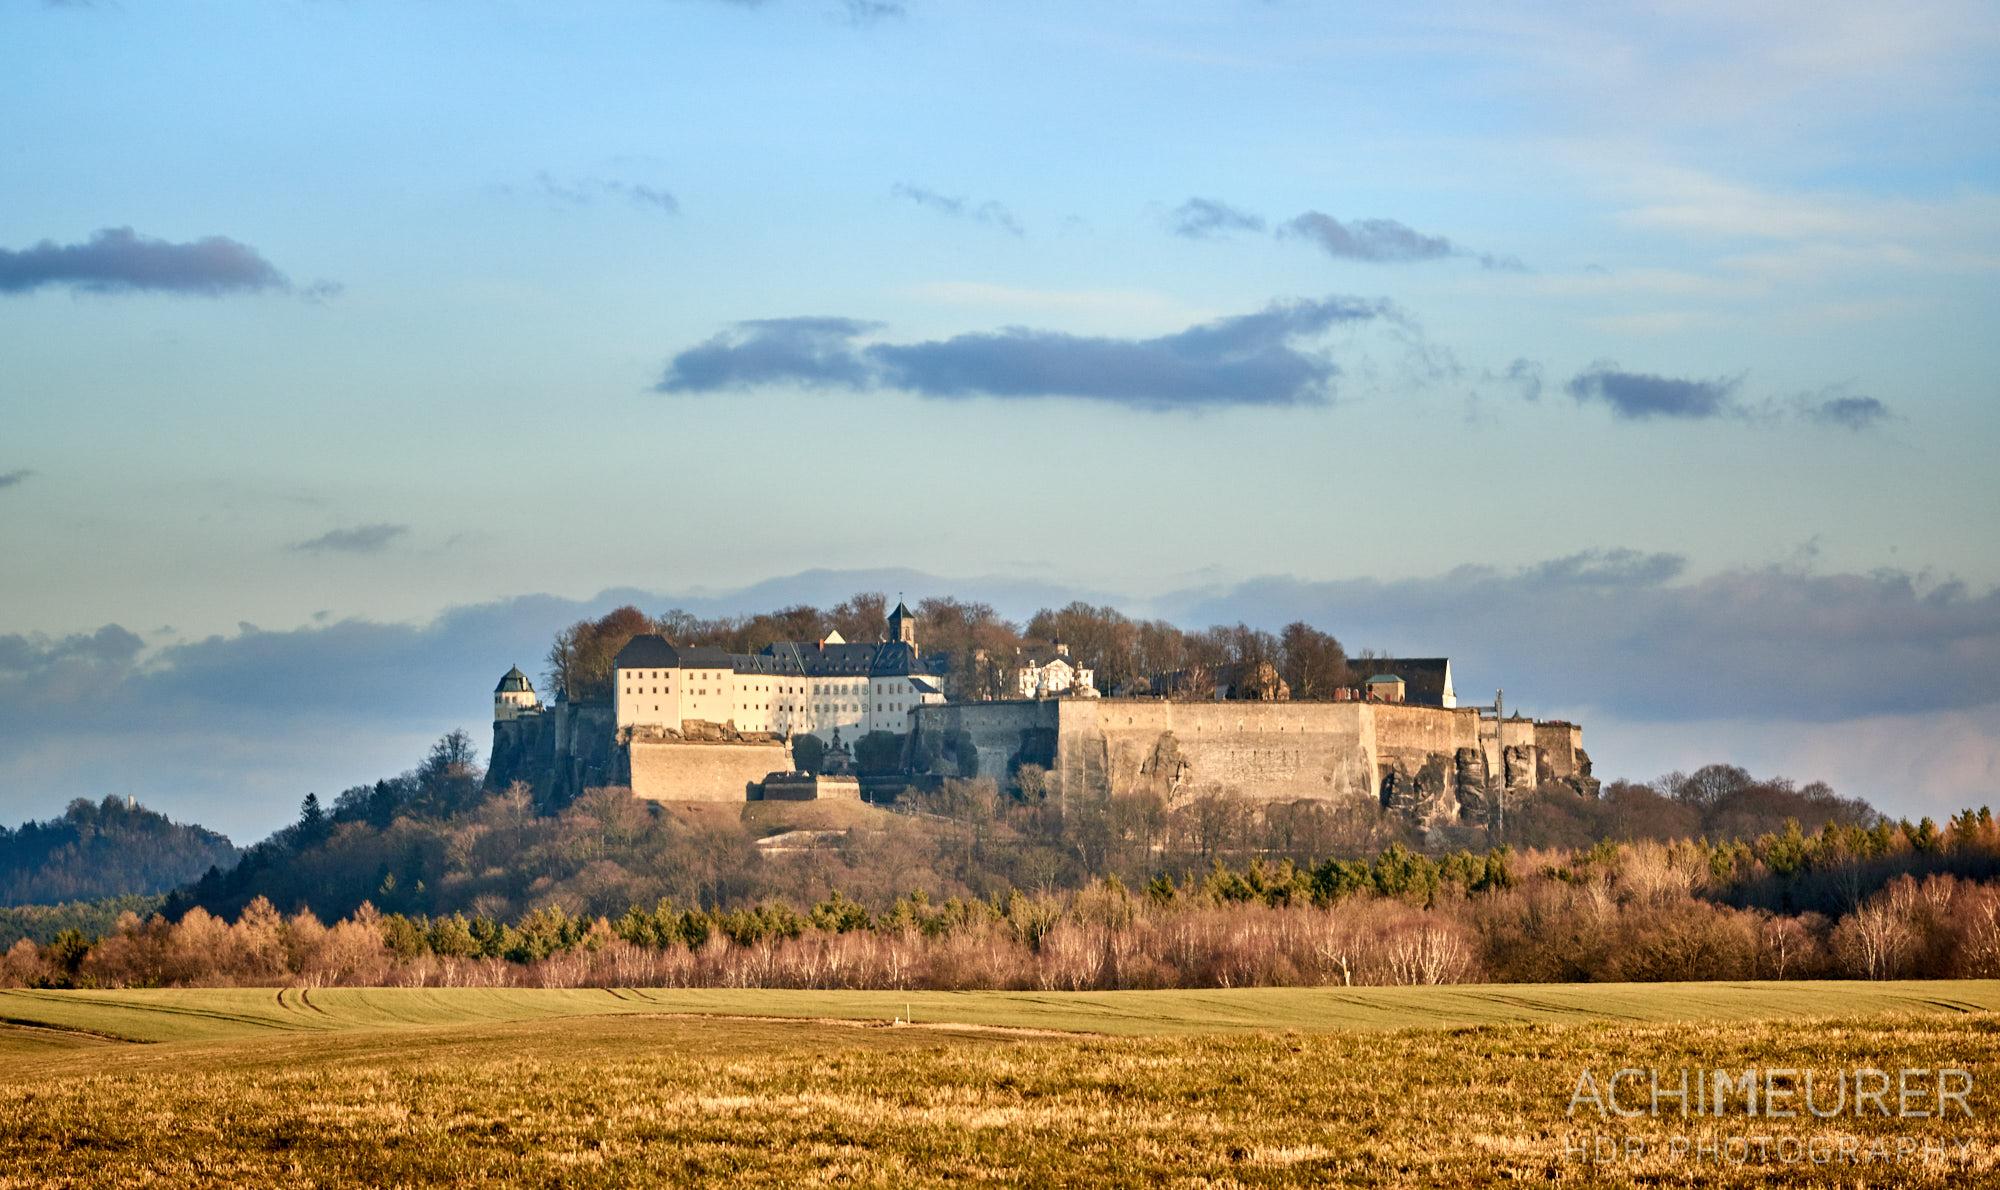 Die Festung Königstein im Sonnenuntergang im Winter ohne Schnee, Sächsische Schweiz by AchimMeurer.com.